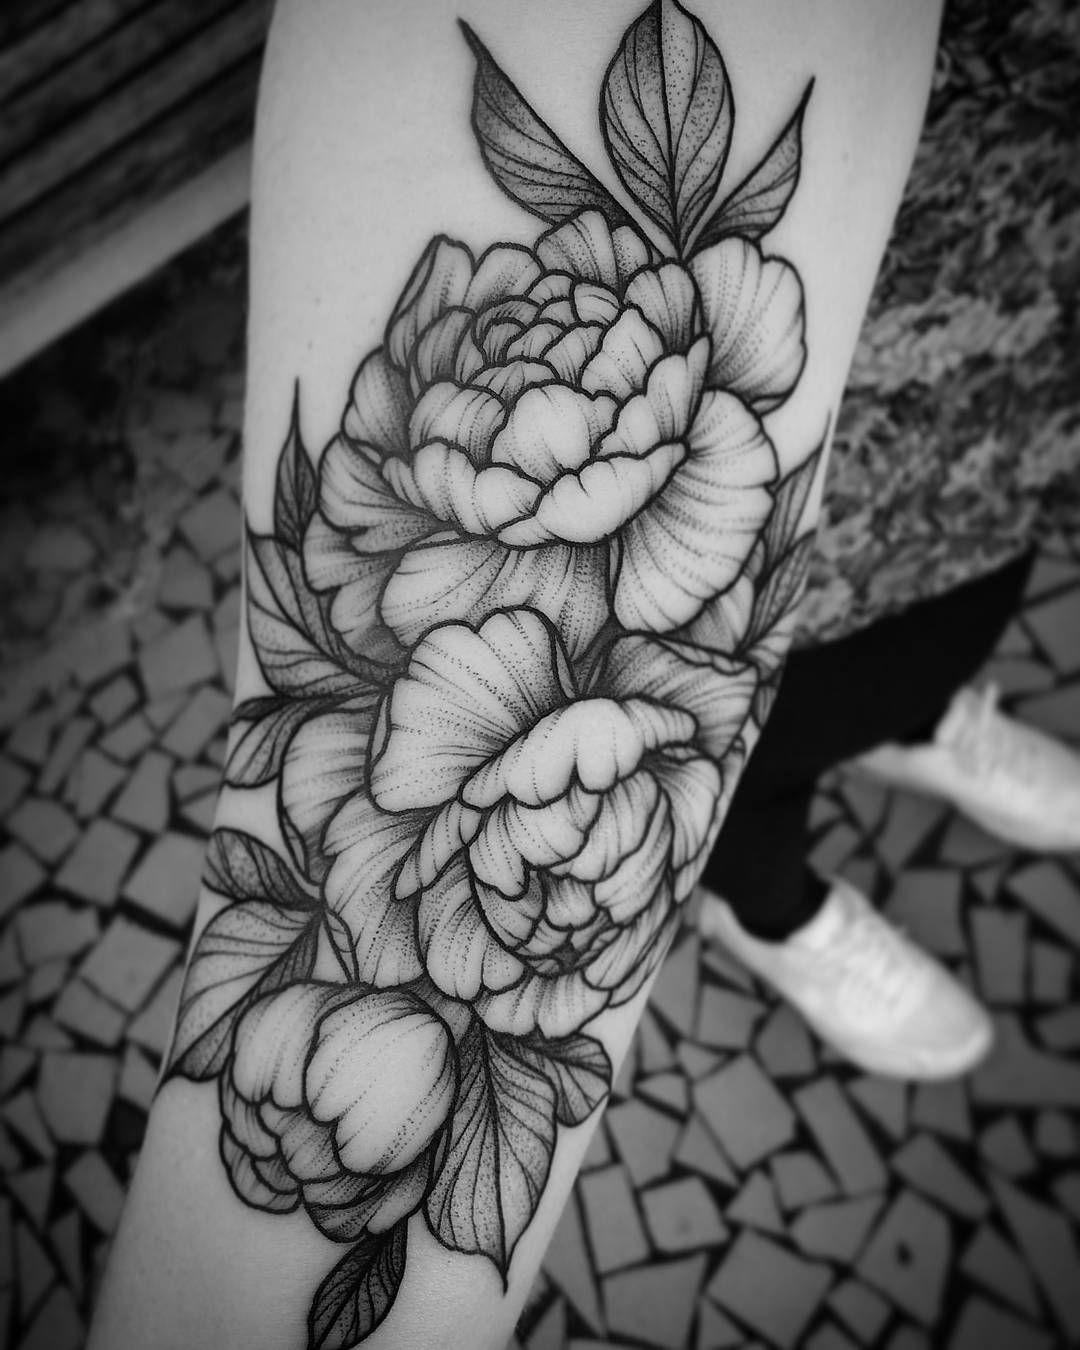 3eb0de4ba Tatuagem criada por Danilo Sales de São Paulo. Flores em blackwork. #tattoo  #tatuagem #art #arte #tattoo2me #blackwork #flor